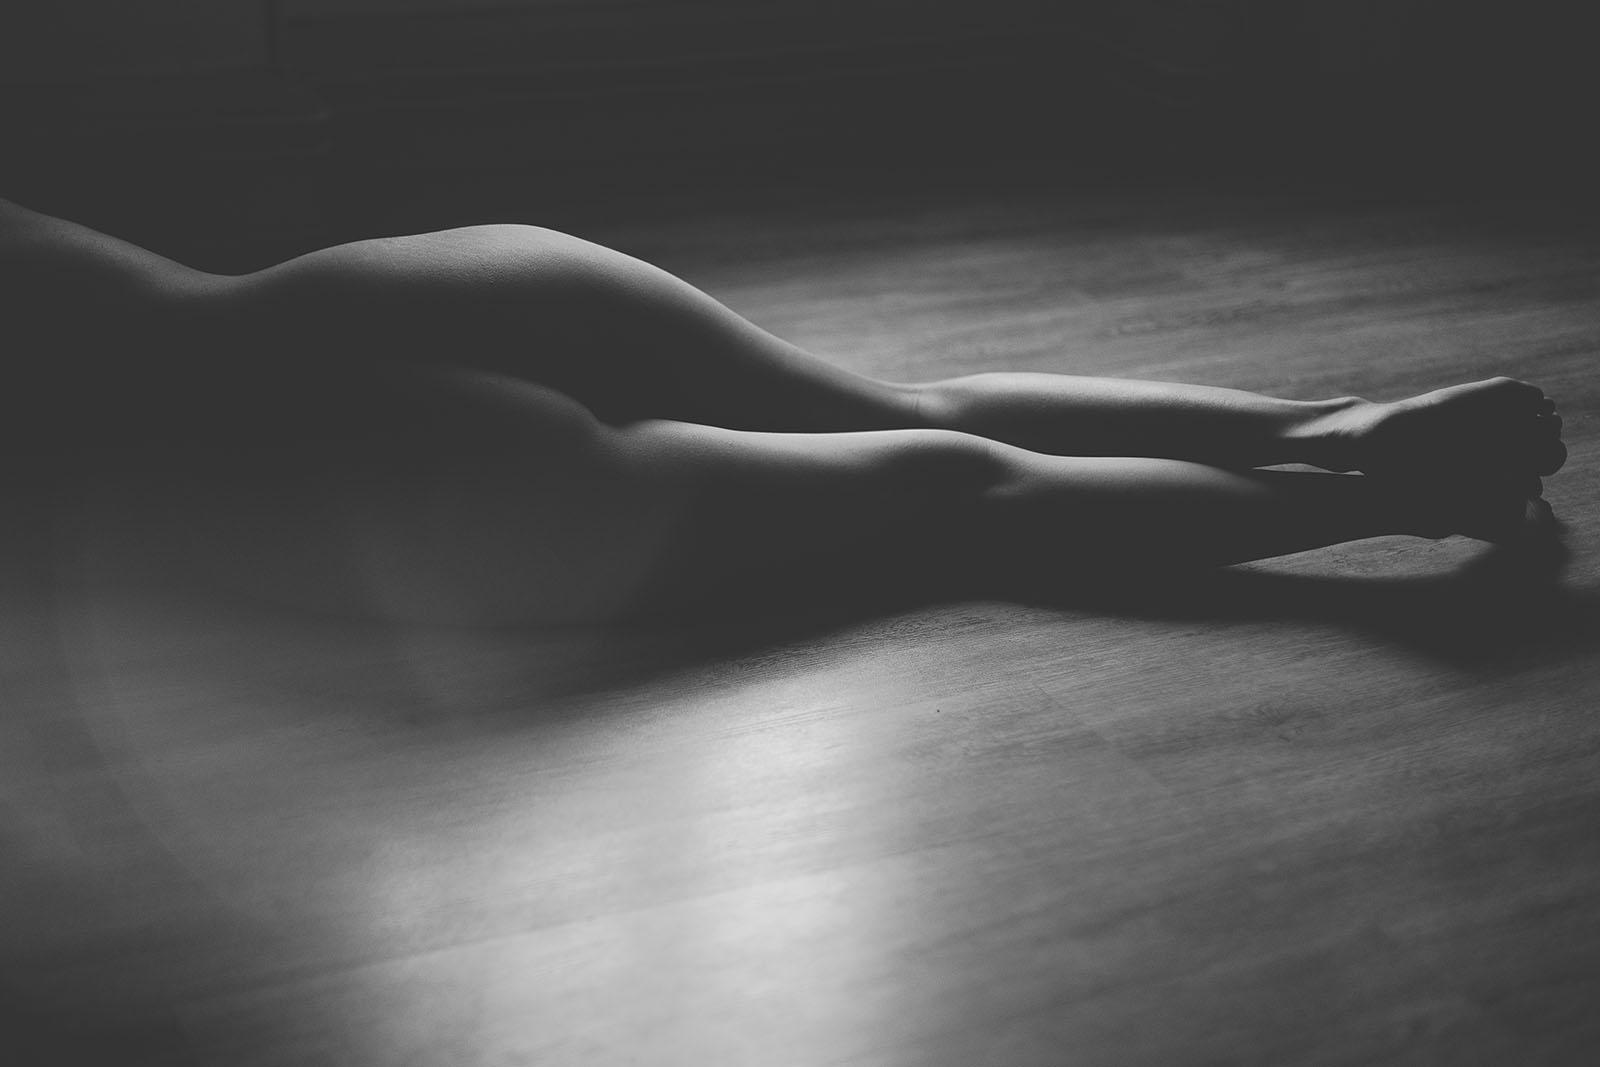 Séance photo glamour à Lyon femme seule Marie Laure, portrait en noir et blanc des fesses et des jambes. Blueberry corner photographe professionnel à Lyon et Clermont ferrand spécialisé dans la photo de charme, photo glamour et boudoir